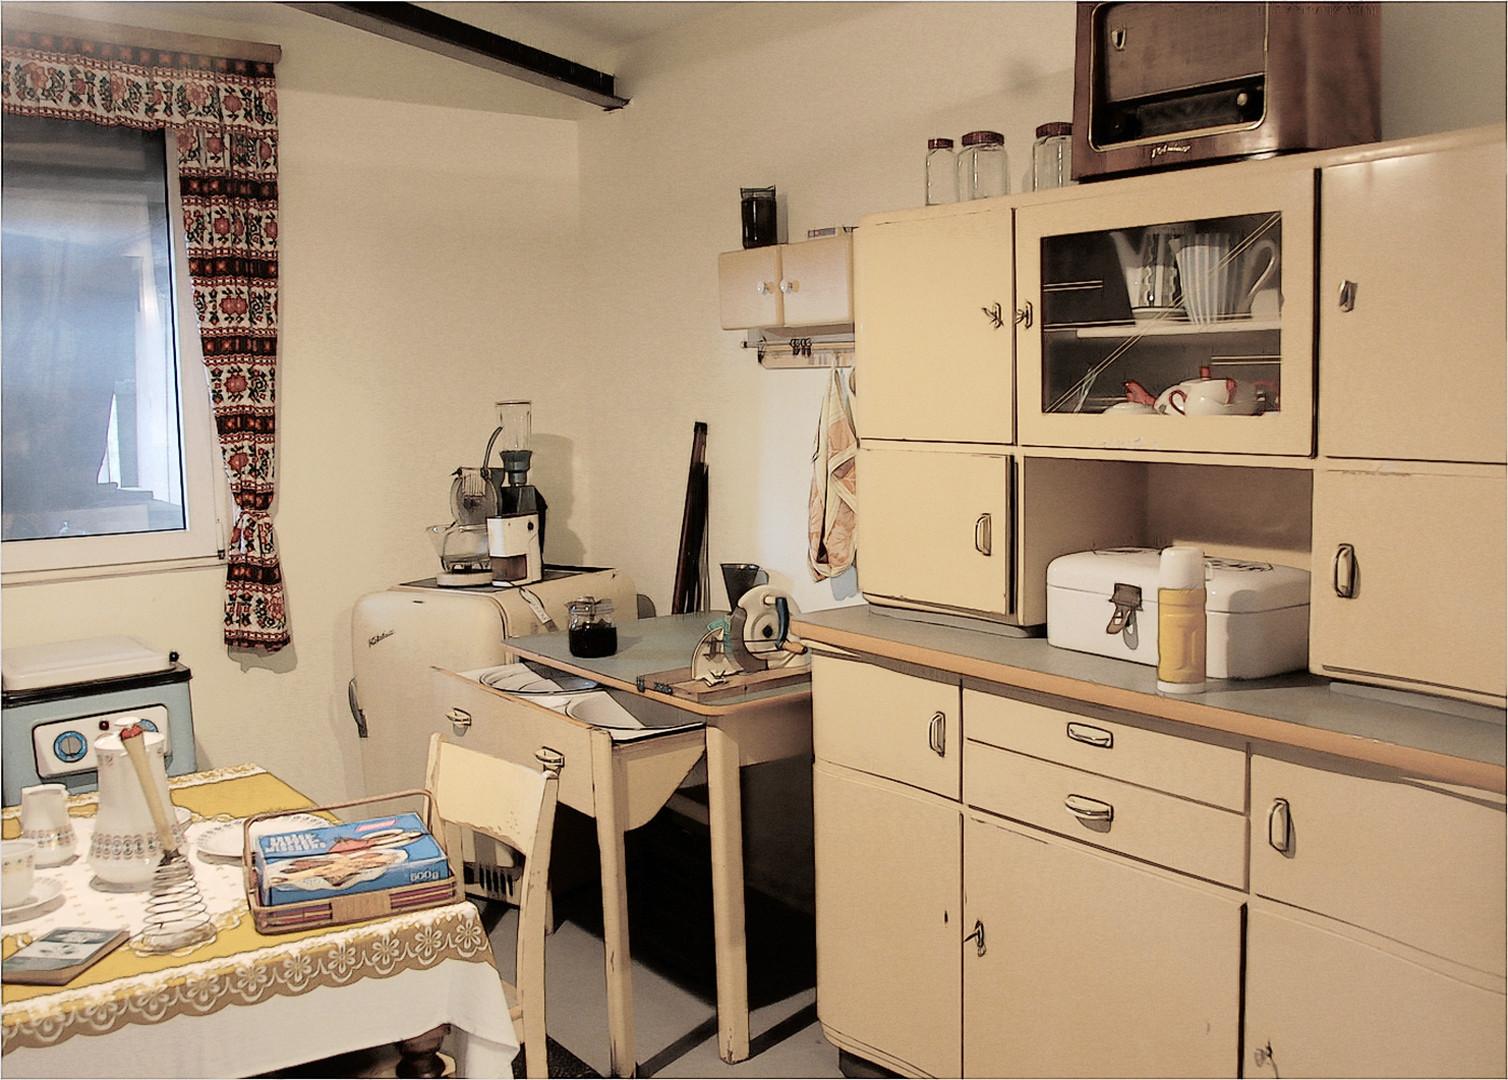 die 50er und 60er Jahre Foto & Bild | brandenburg, küche ...